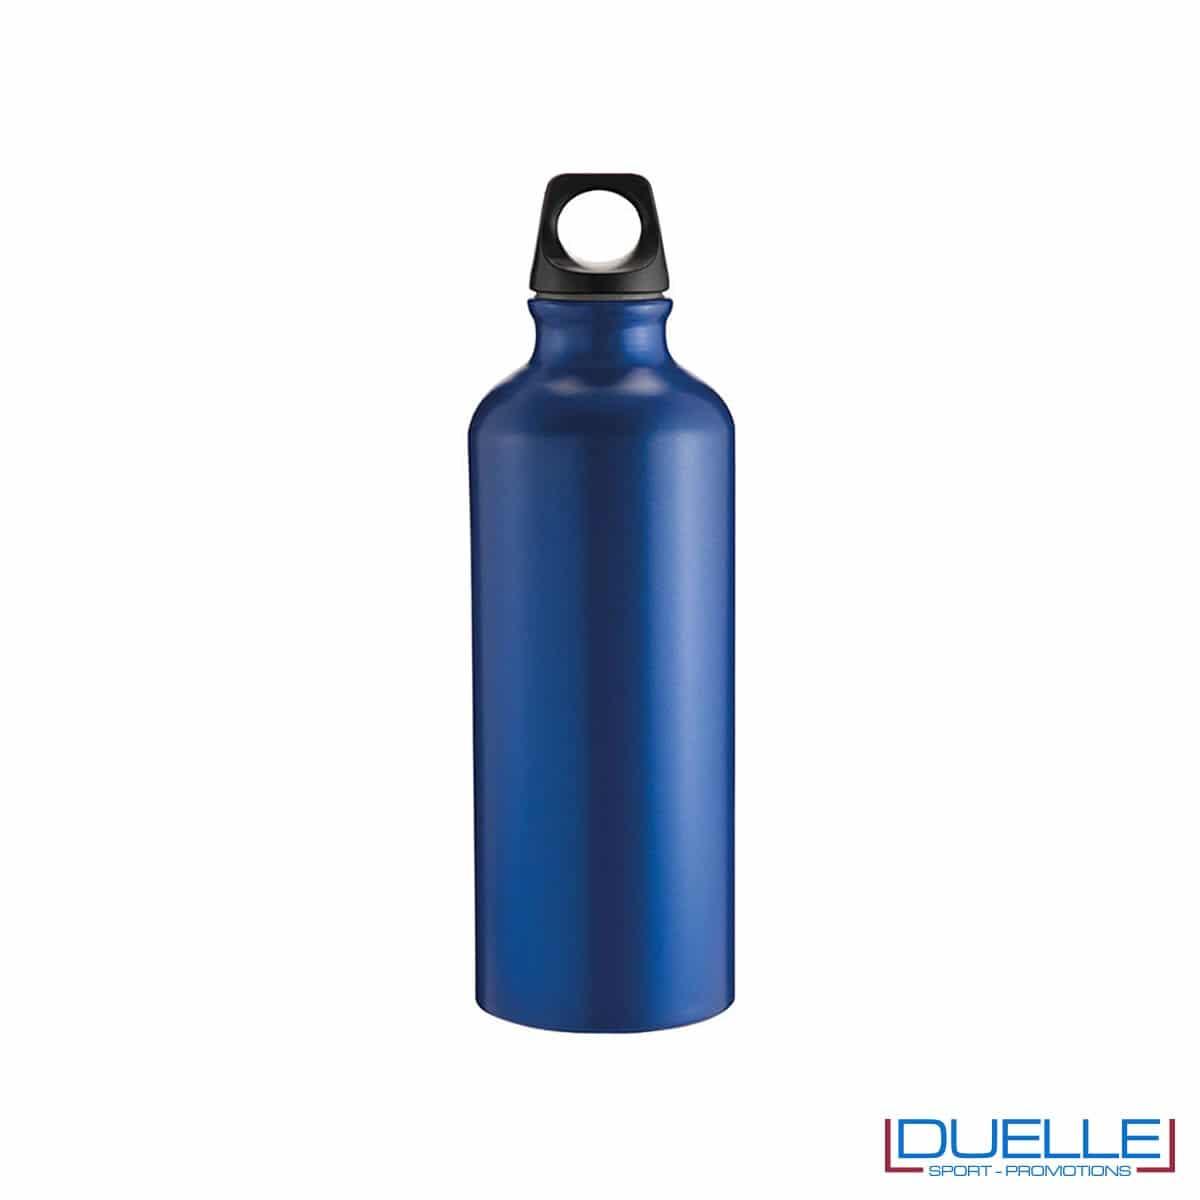 Borraccia sportiva alluminio 500ml colore blu metallizzato opaco